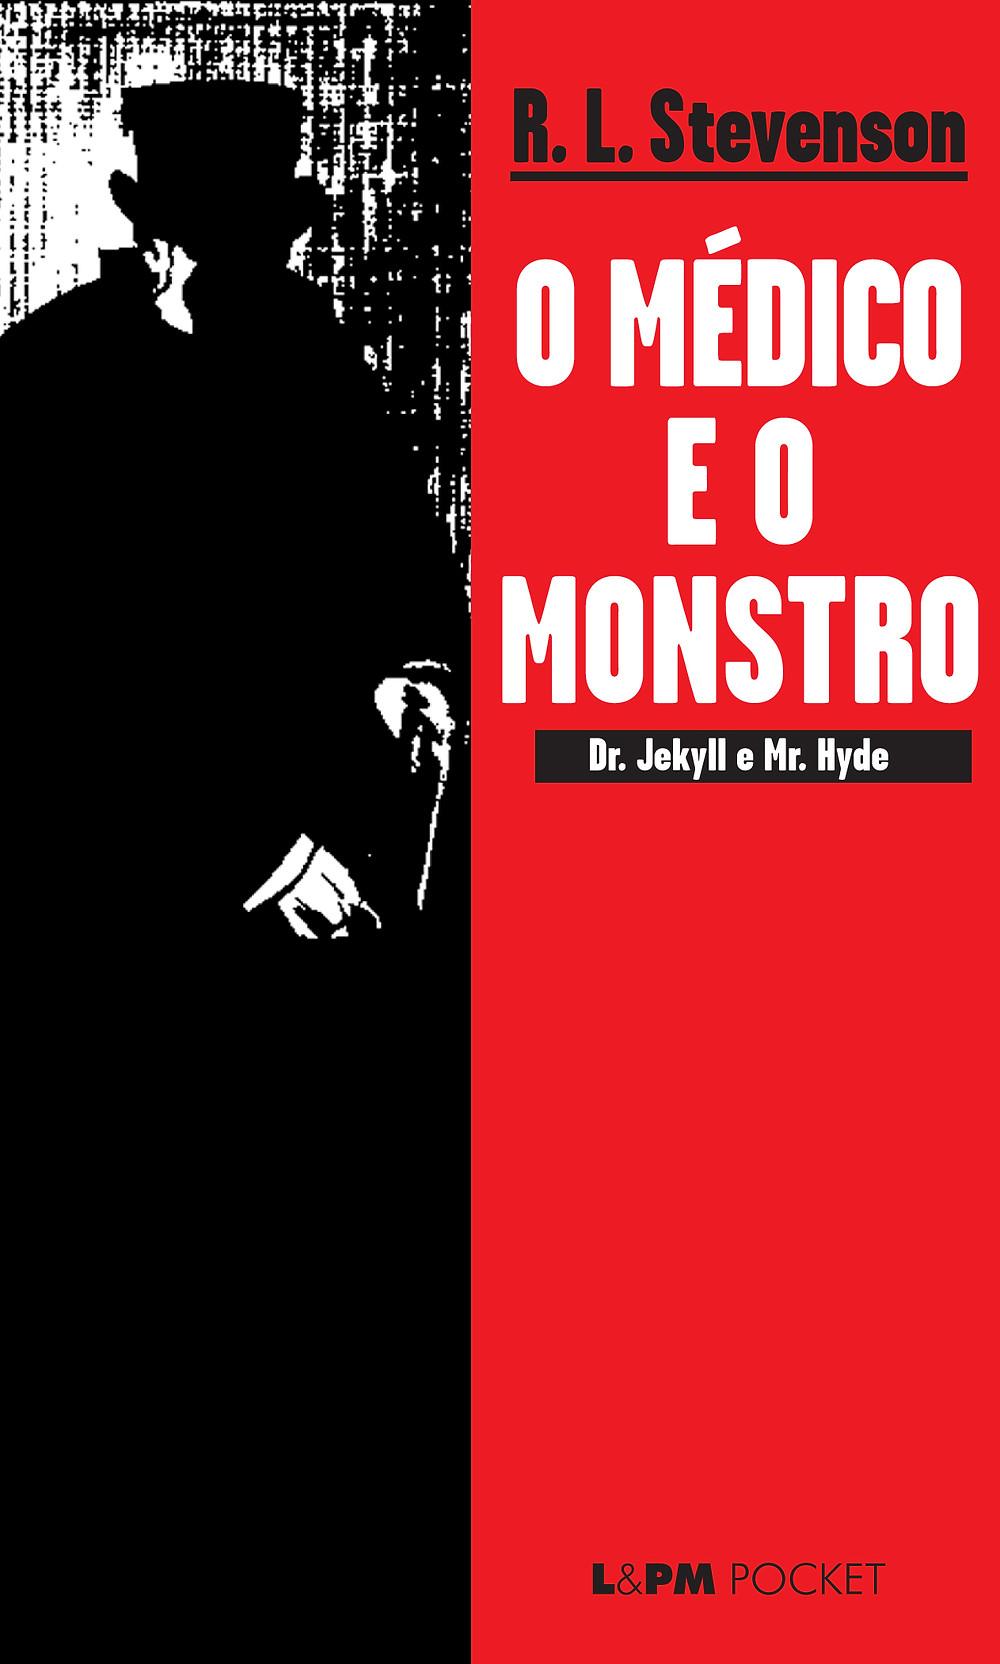 O Médico e o Monstro de Robert Louis Stevenson